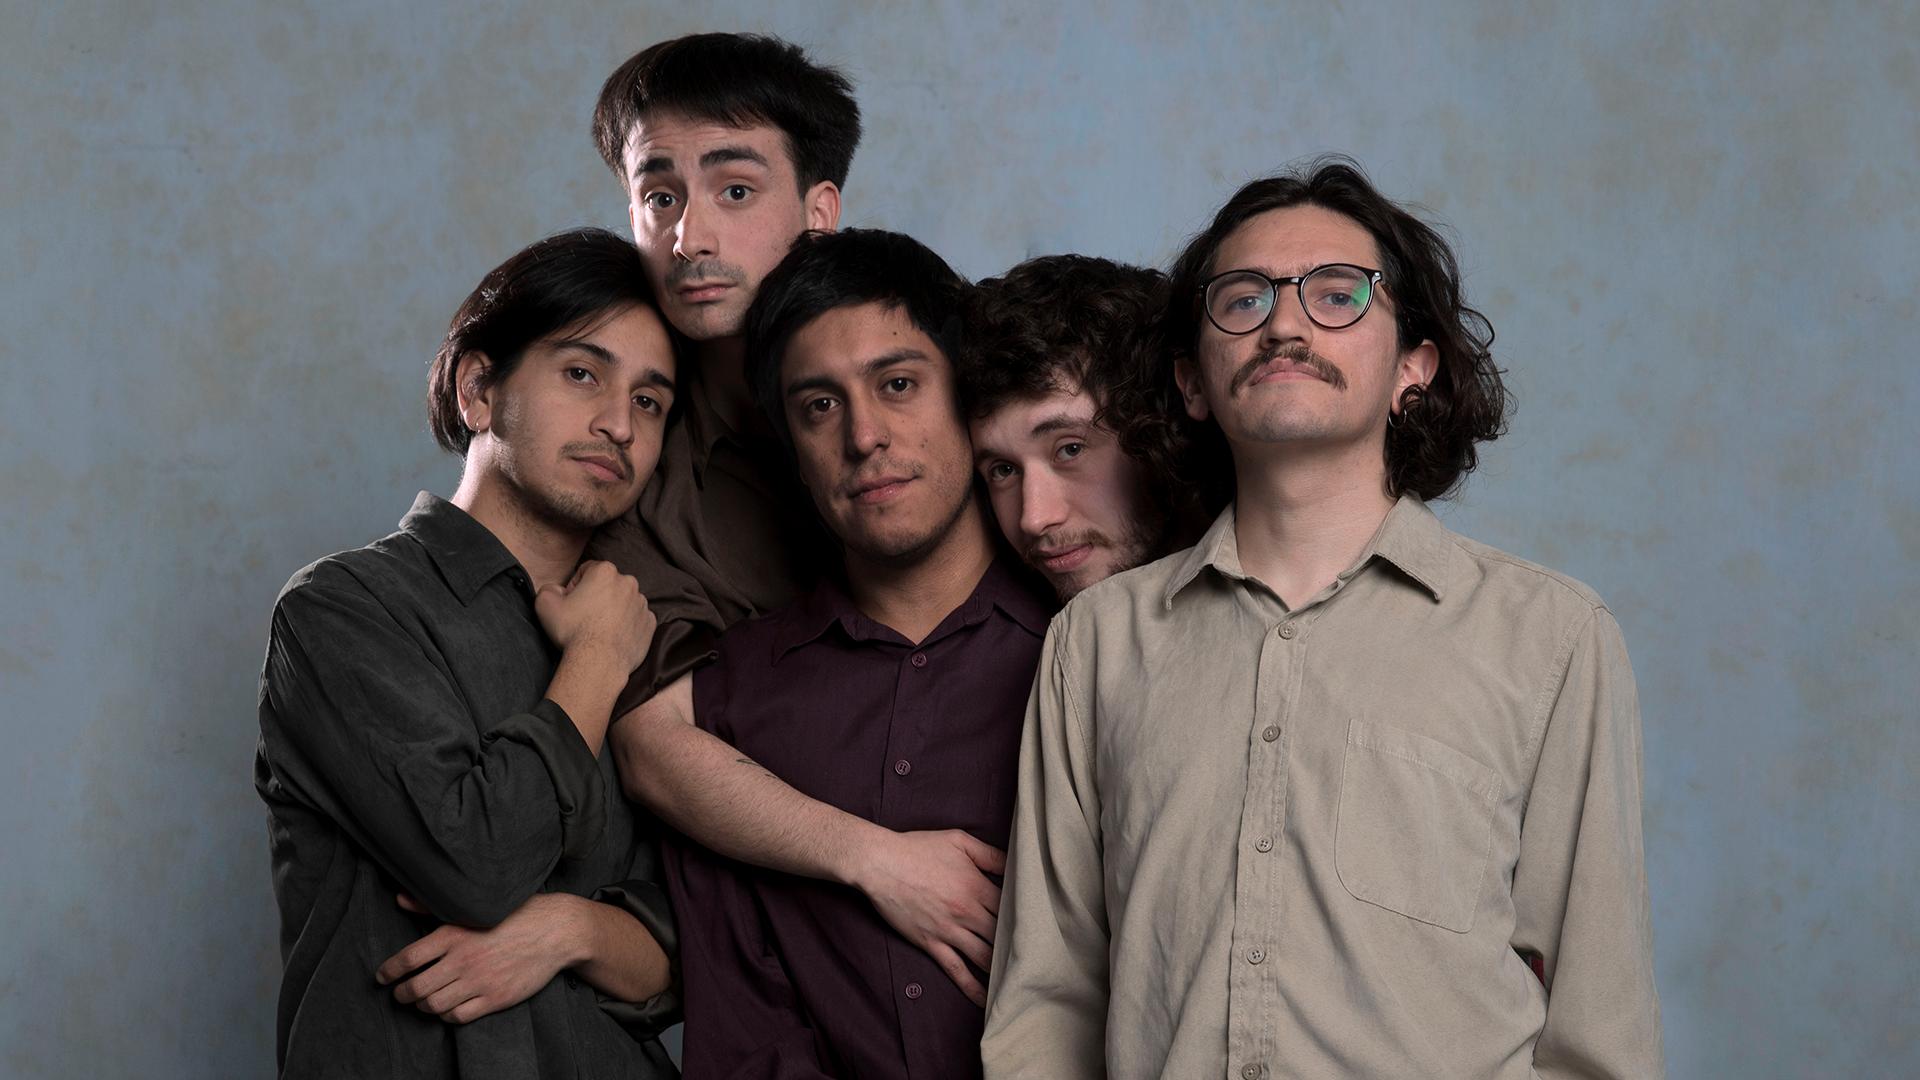 """Niños del Cerro estrena """"Durmiendo en el parque"""", primer sencillo de su epé """"Cuauhtémoc"""""""